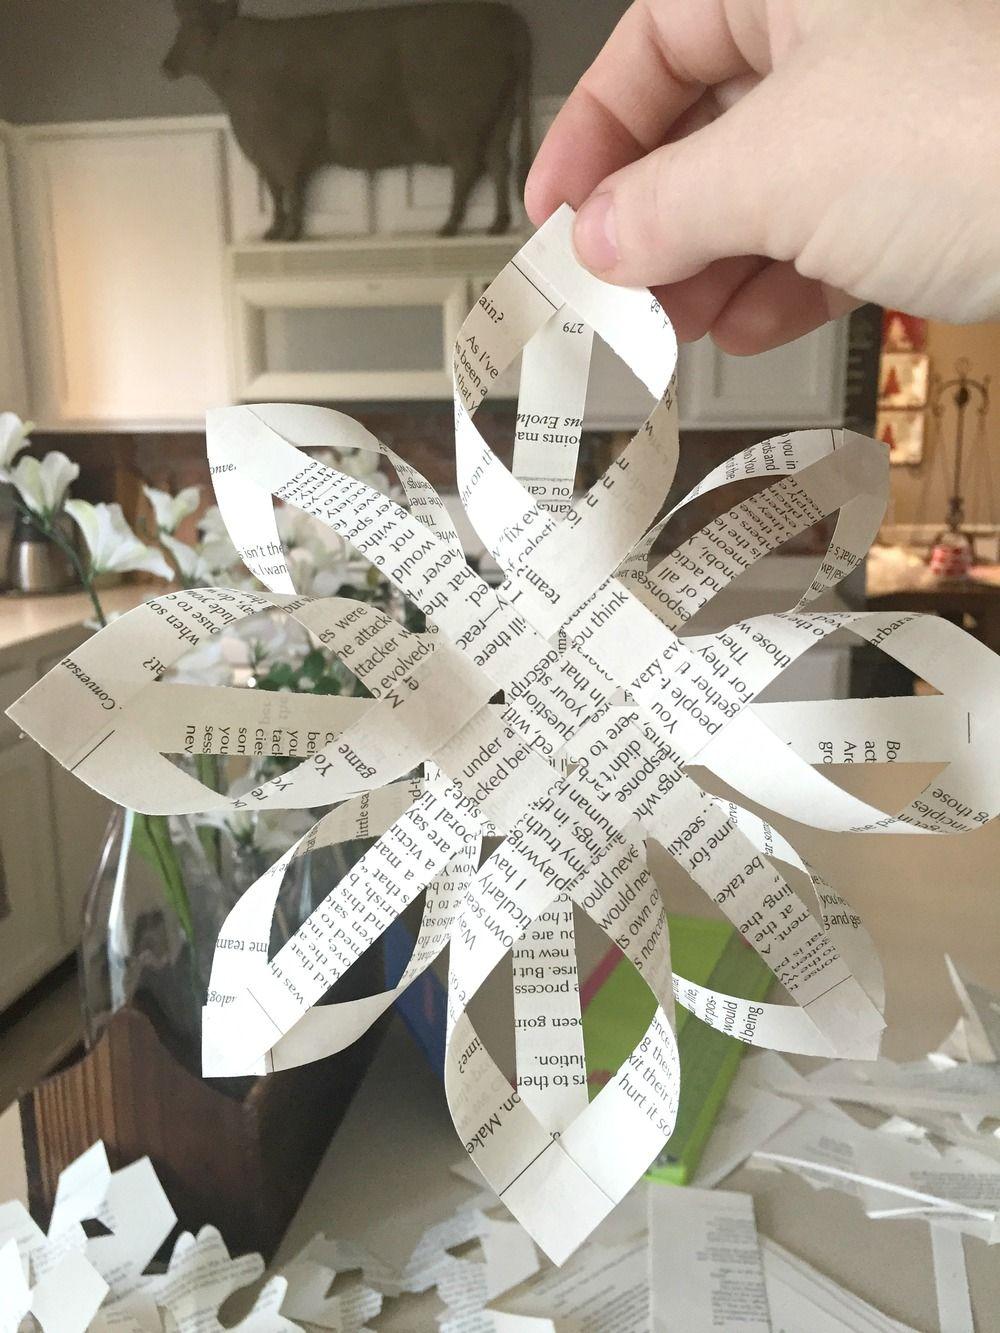 Diy 3d paper snowflake garland tutorial 3d paper for Diy paper snowflakes 3d